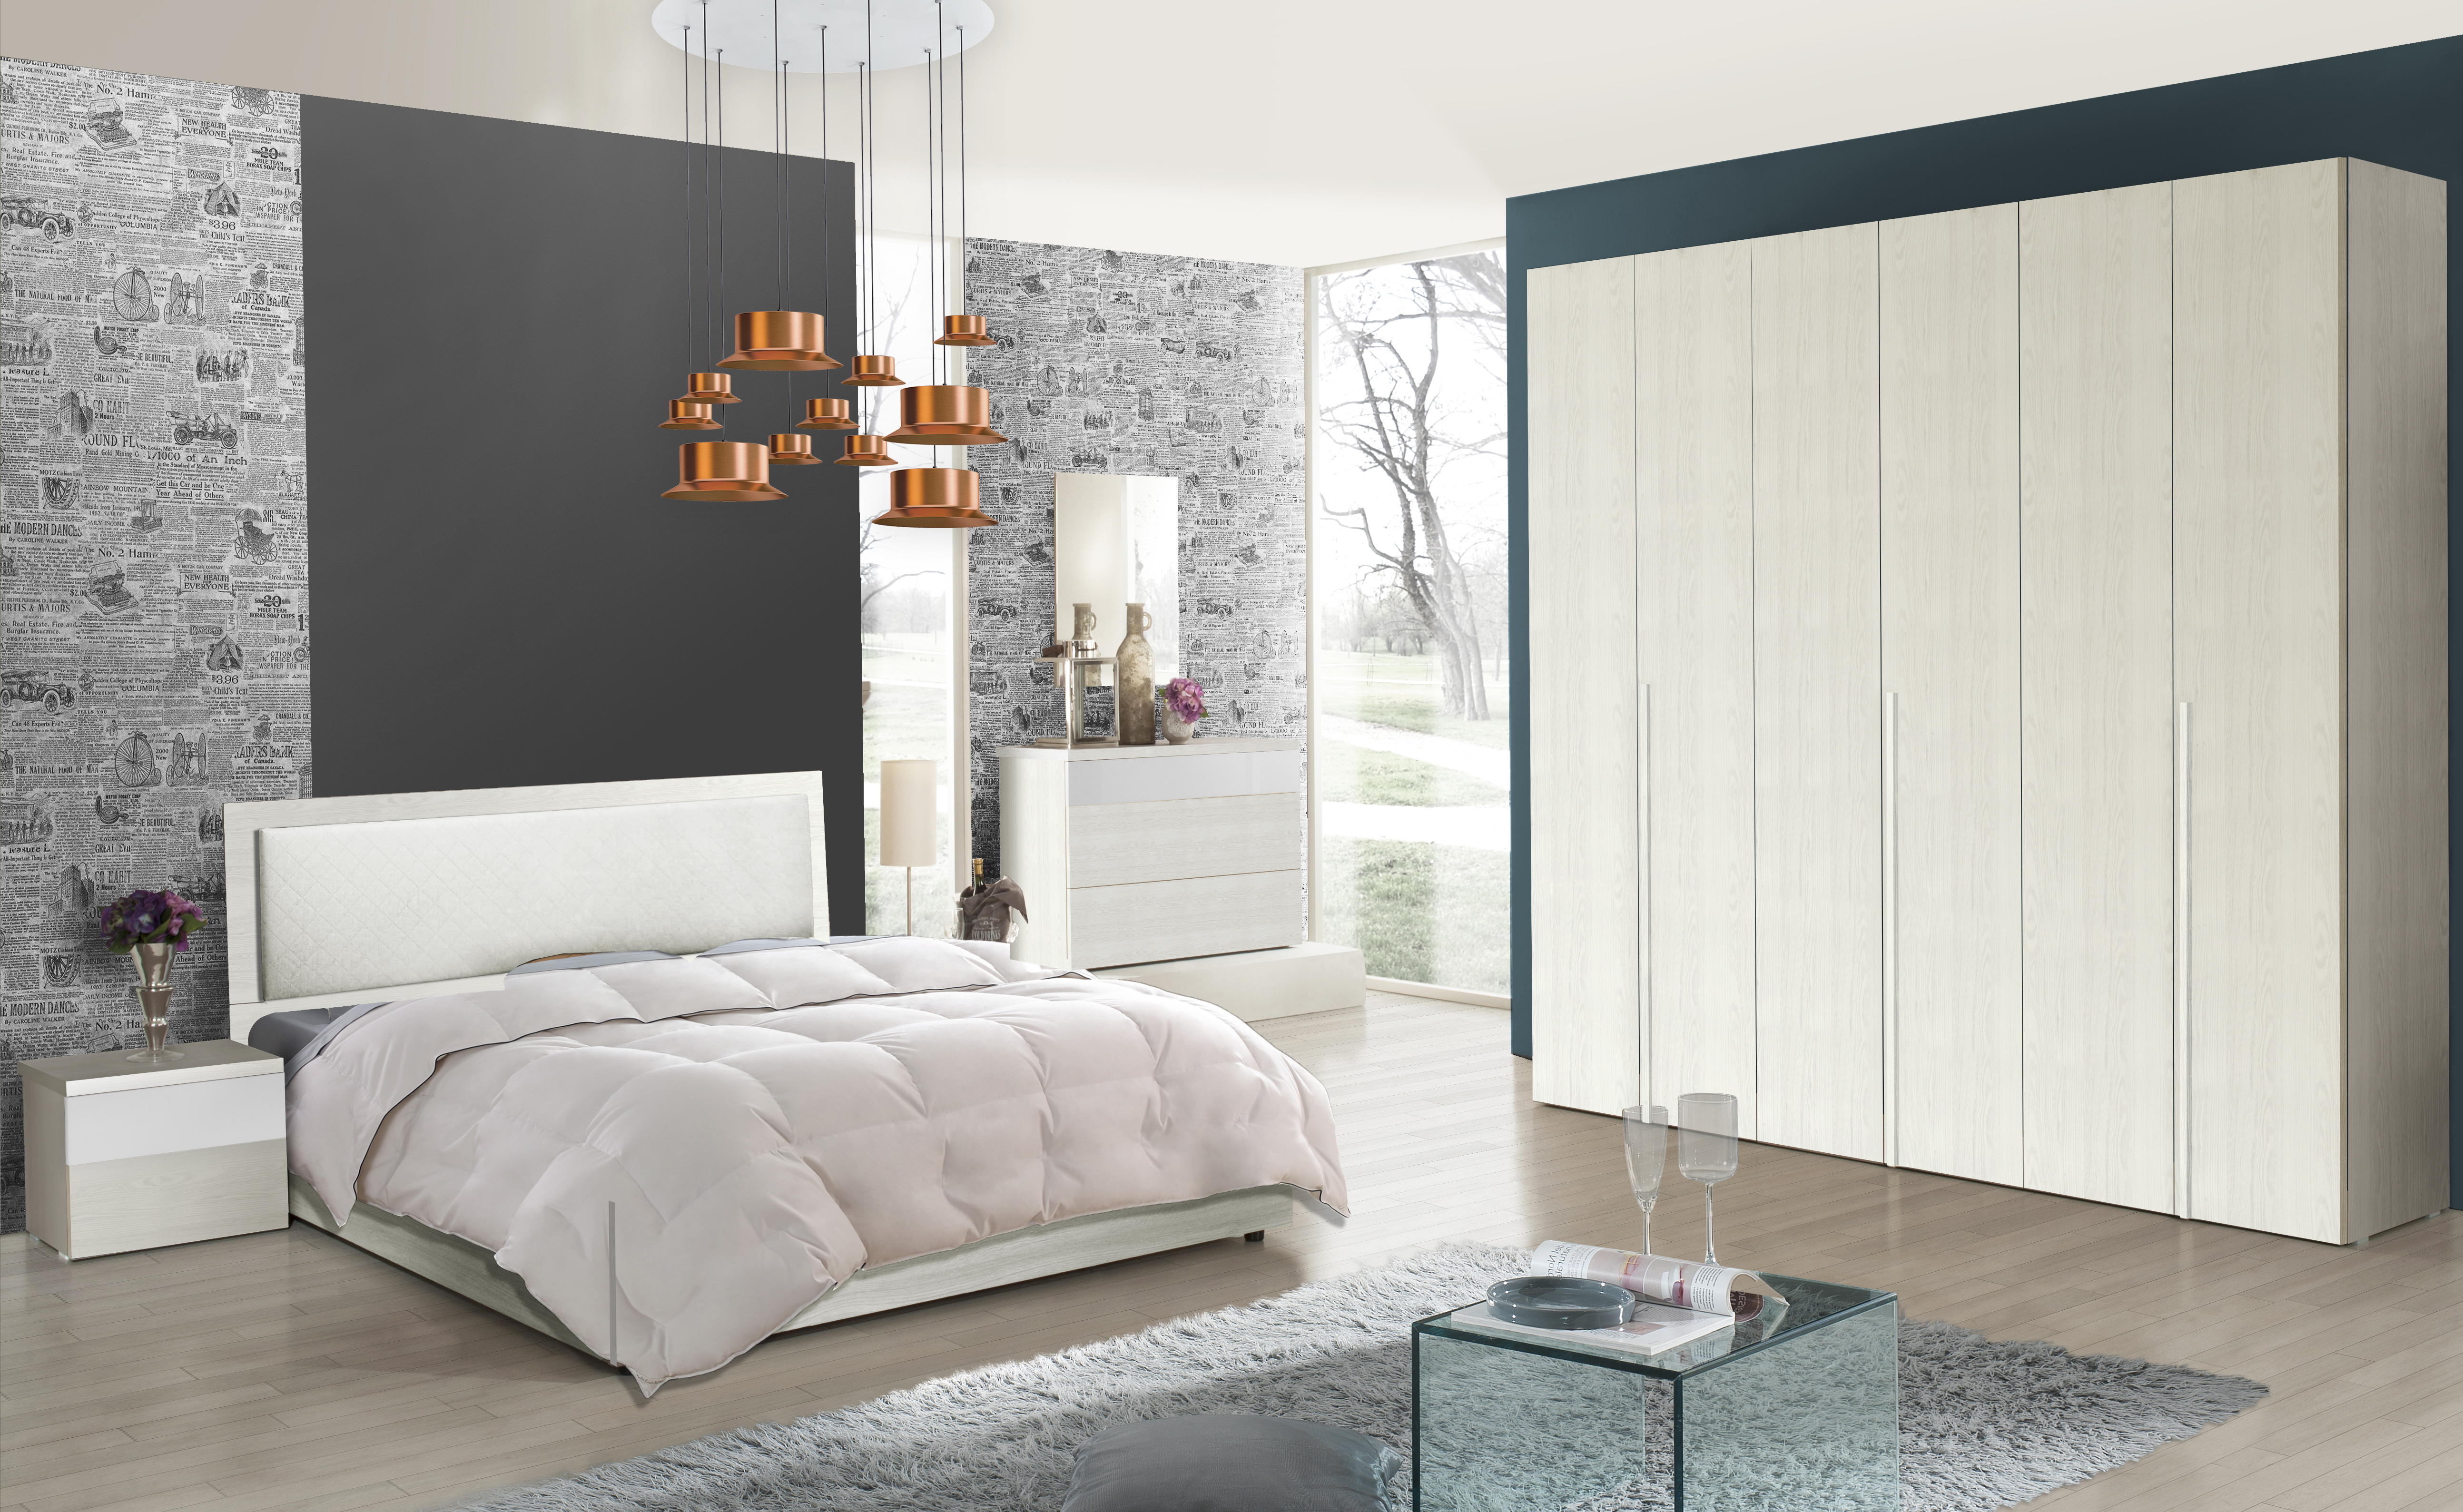 Schlafzimmer Serie Soraja Creme Weiß 4-teilig 180x200 cm / creme/weiß